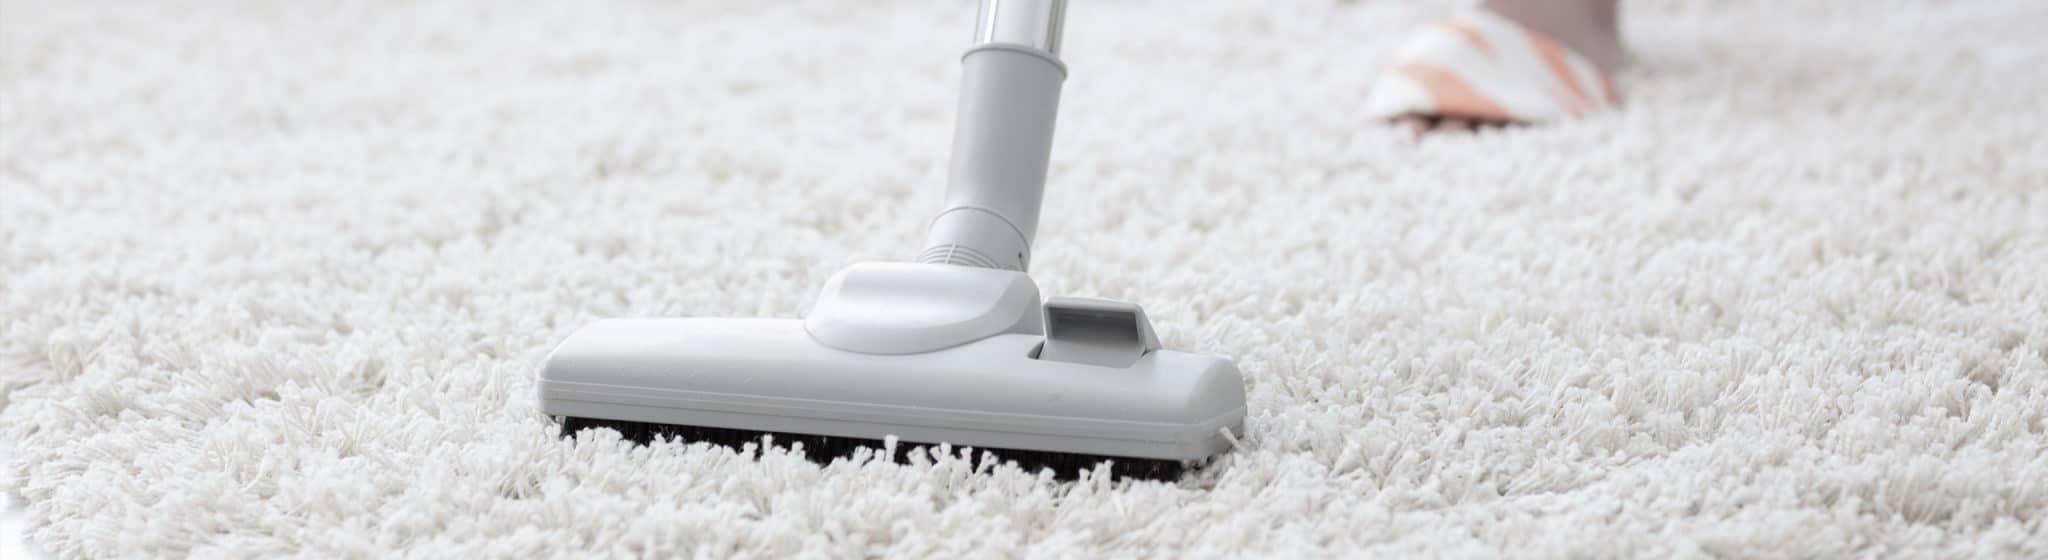 Støvsugning af gulvtæppe